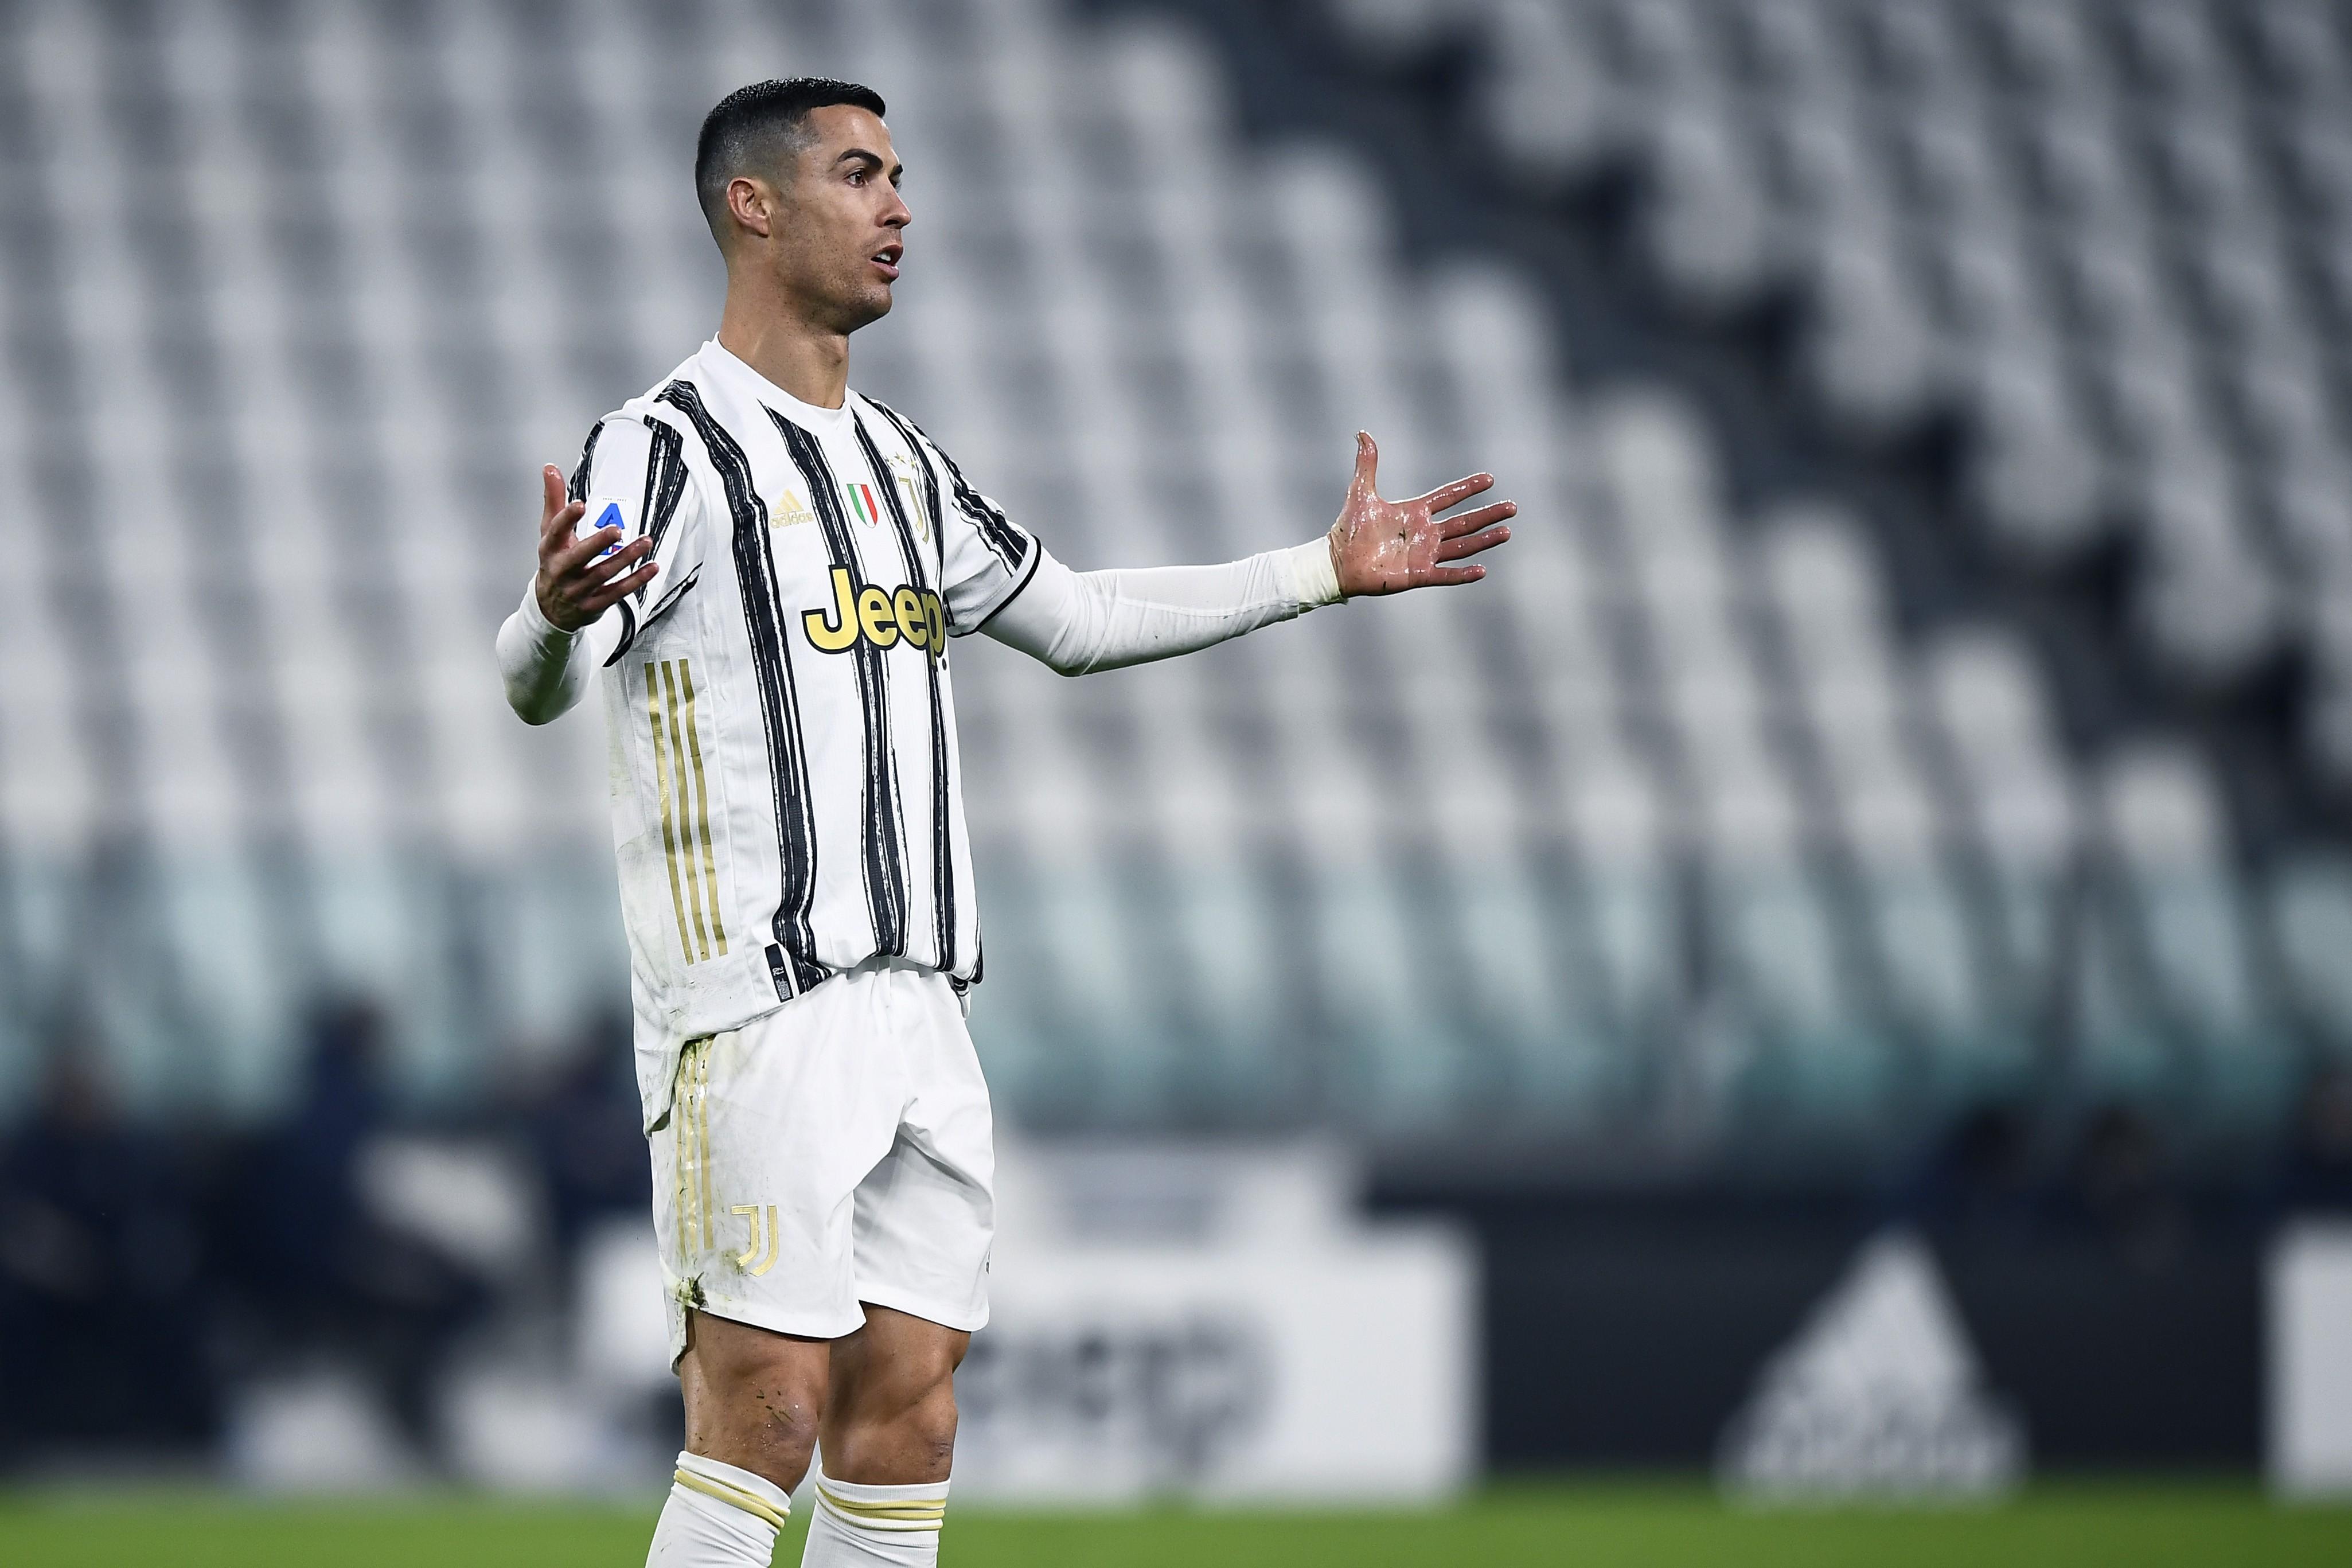 Calcio: Pioli, Coppa Italia? Proveremo ad arrivare alla fine